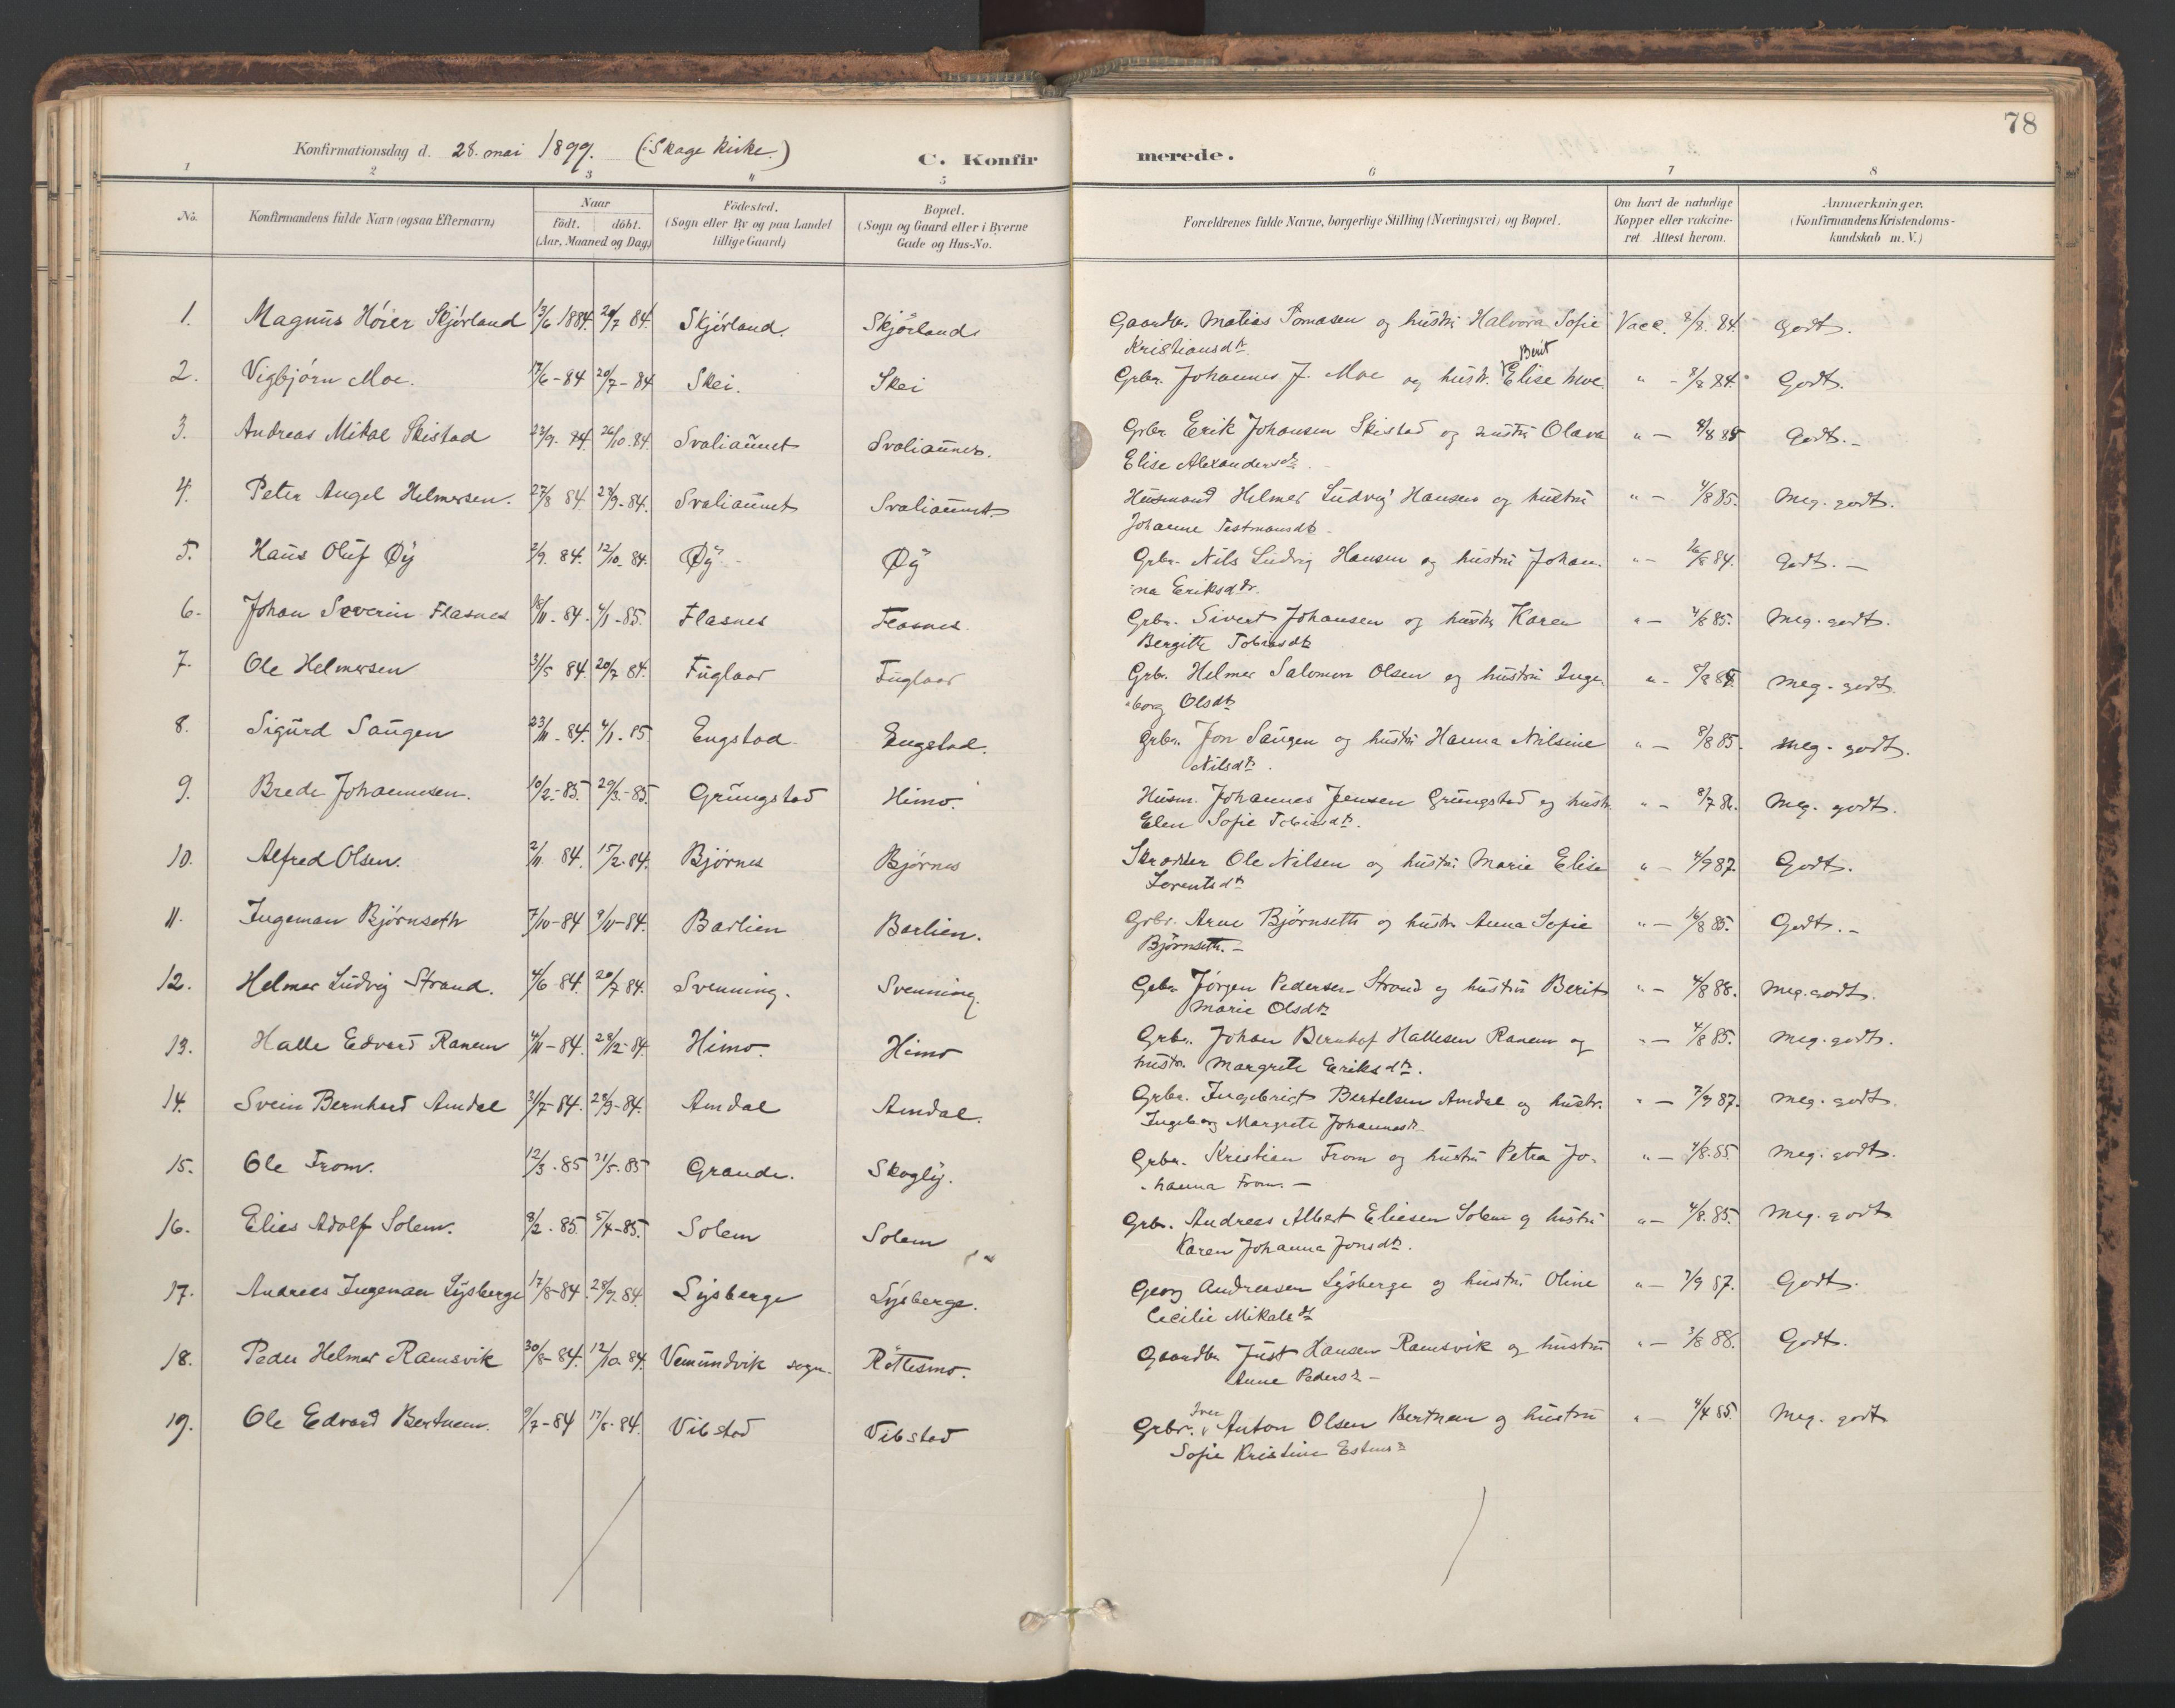 SAT, Ministerialprotokoller, klokkerbøker og fødselsregistre - Nord-Trøndelag, 764/L0556: Ministerialbok nr. 764A11, 1897-1924, s. 78